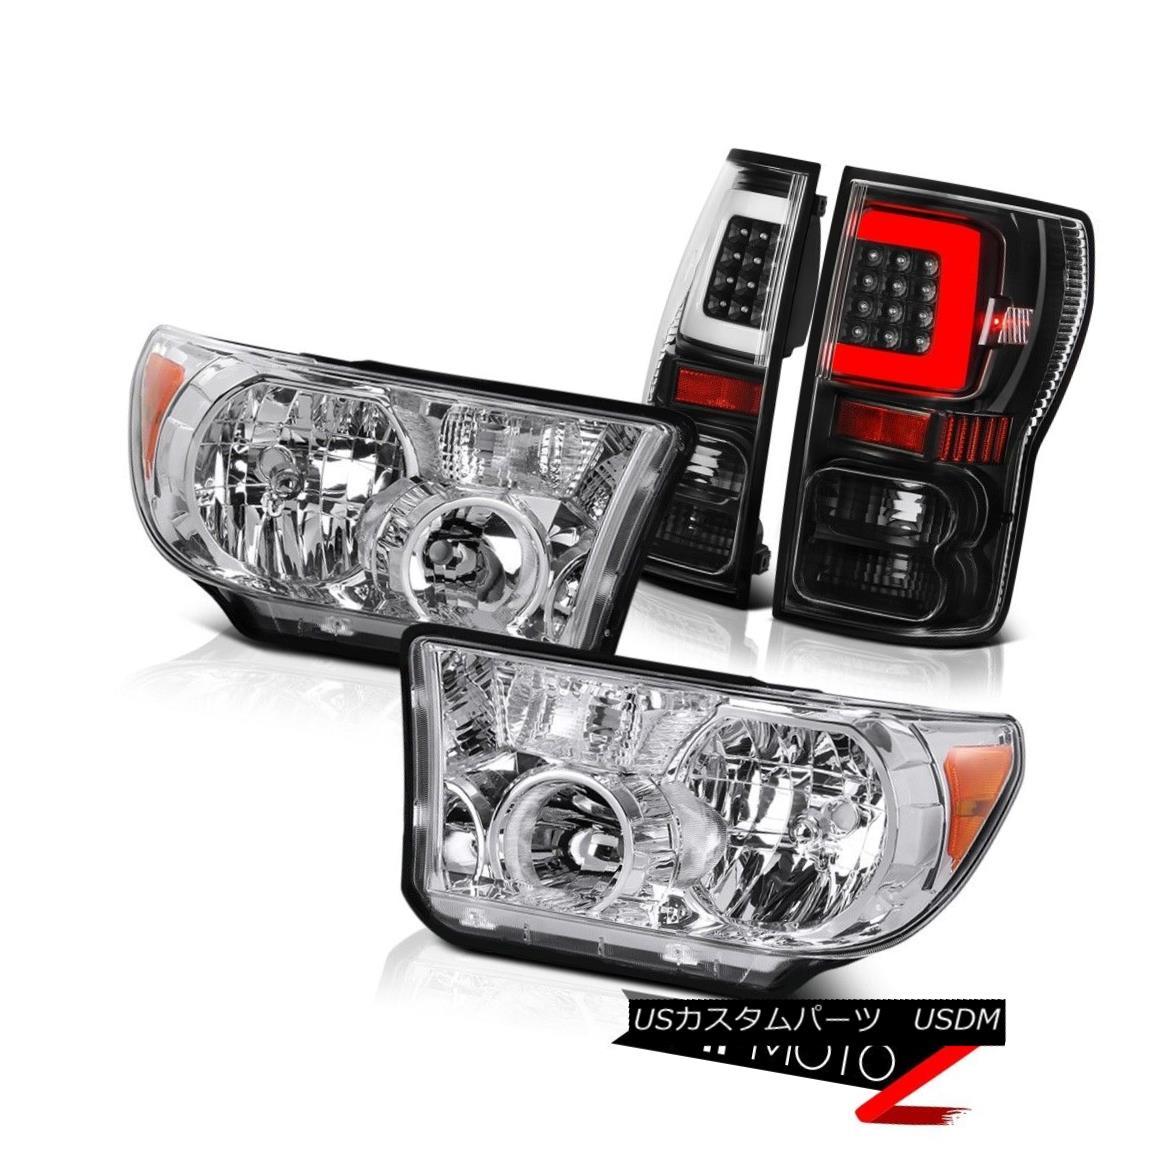 ヘッドライト 07 08-11 12 13 Toyota Tundra Black Neon Tube Rear Crystal Clear Head Lamps Set 07 08-11 12 13トヨタトンドラブラックネオンチューブリアクリスタルクリアヘッドランプセット